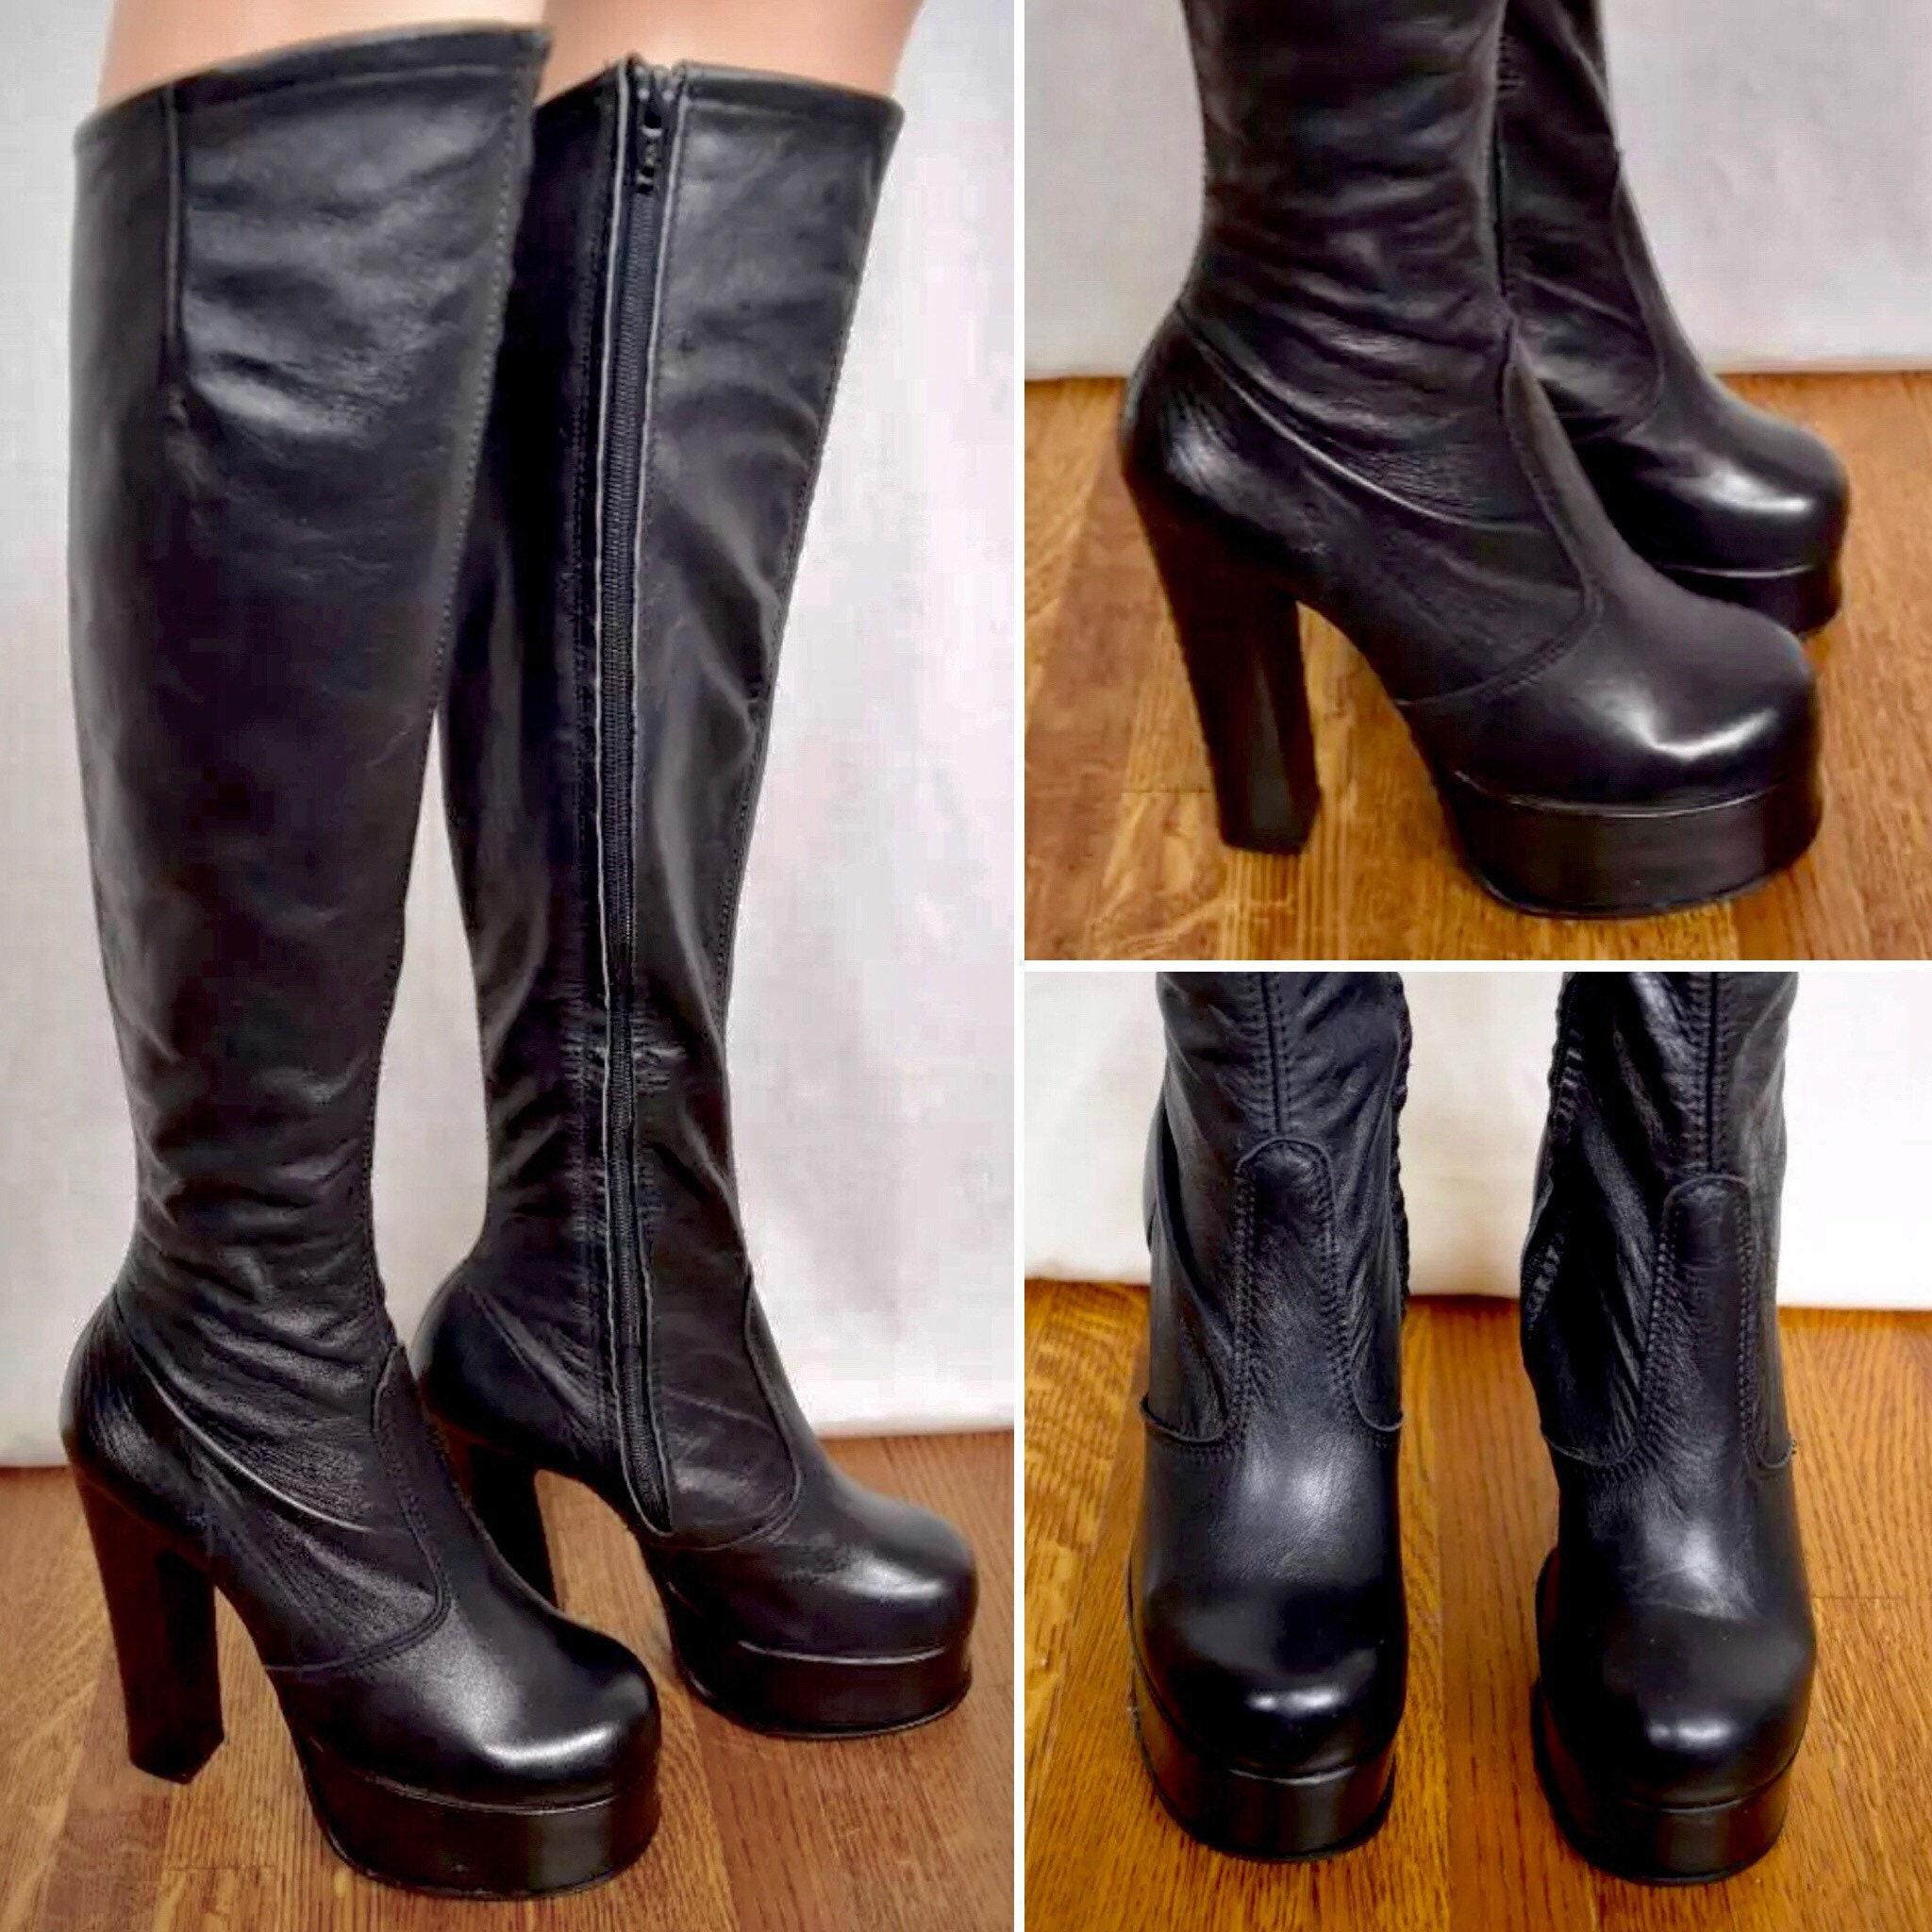 c51a62bd056 Vintage 1970 s Women s HUGE PLATFORM TaLL OTK Black Leather ...